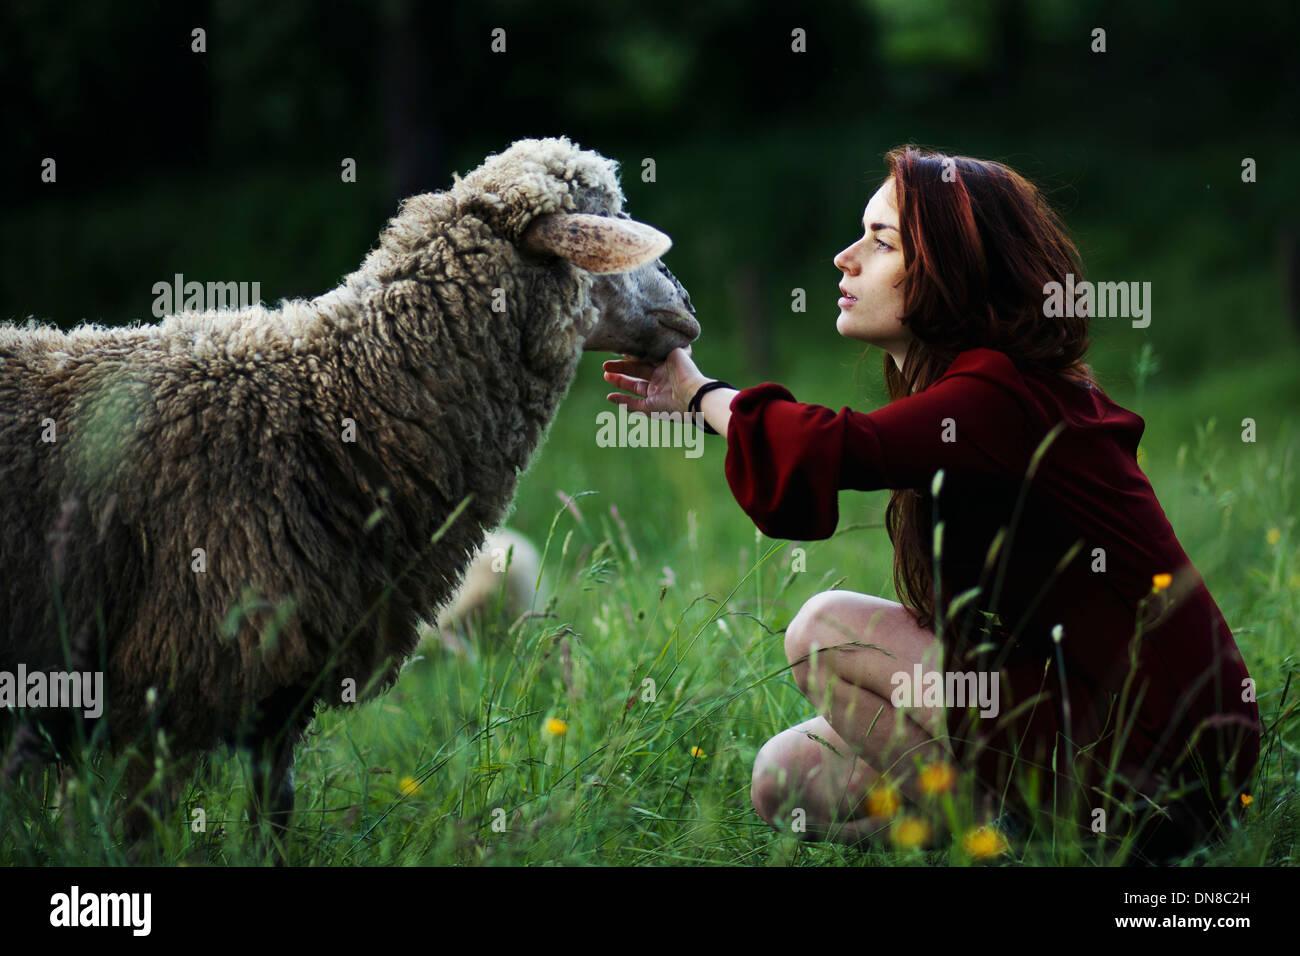 Jeune femme avec des moutons dans un pré Photo Stock